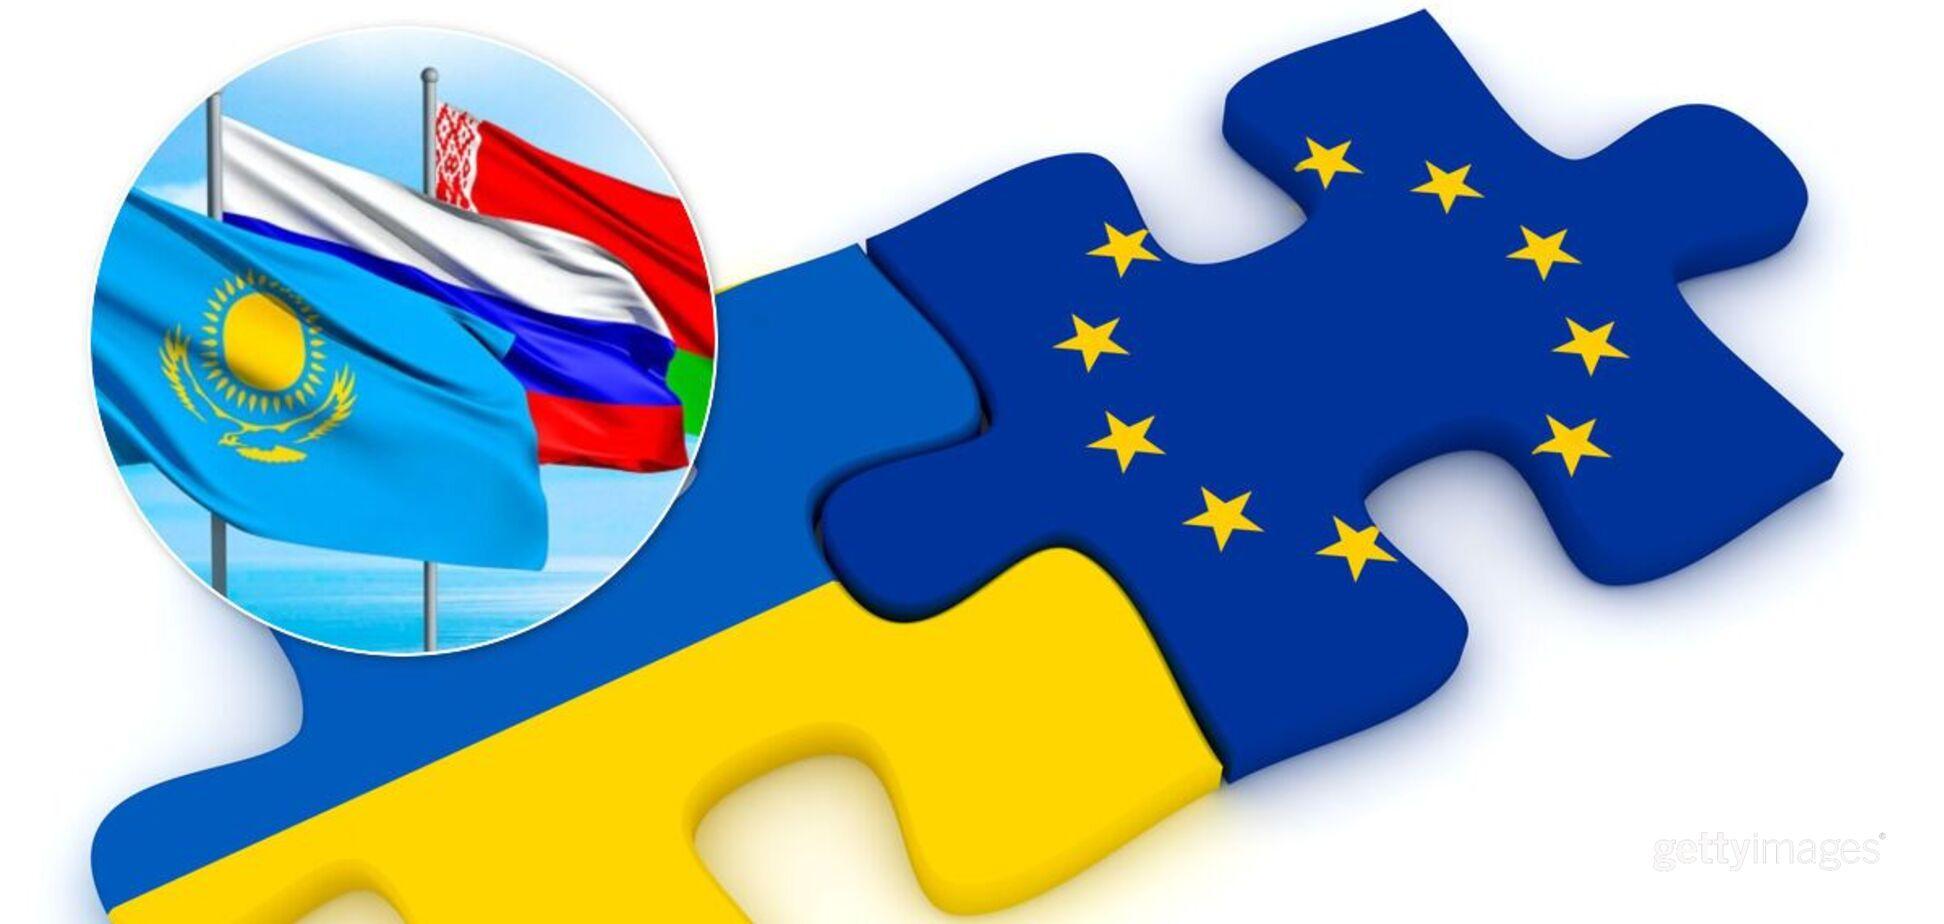 Українці виступають за вступ в ЄС і НАТО, але чимало хочуть і військового союзу з РФ – опитування